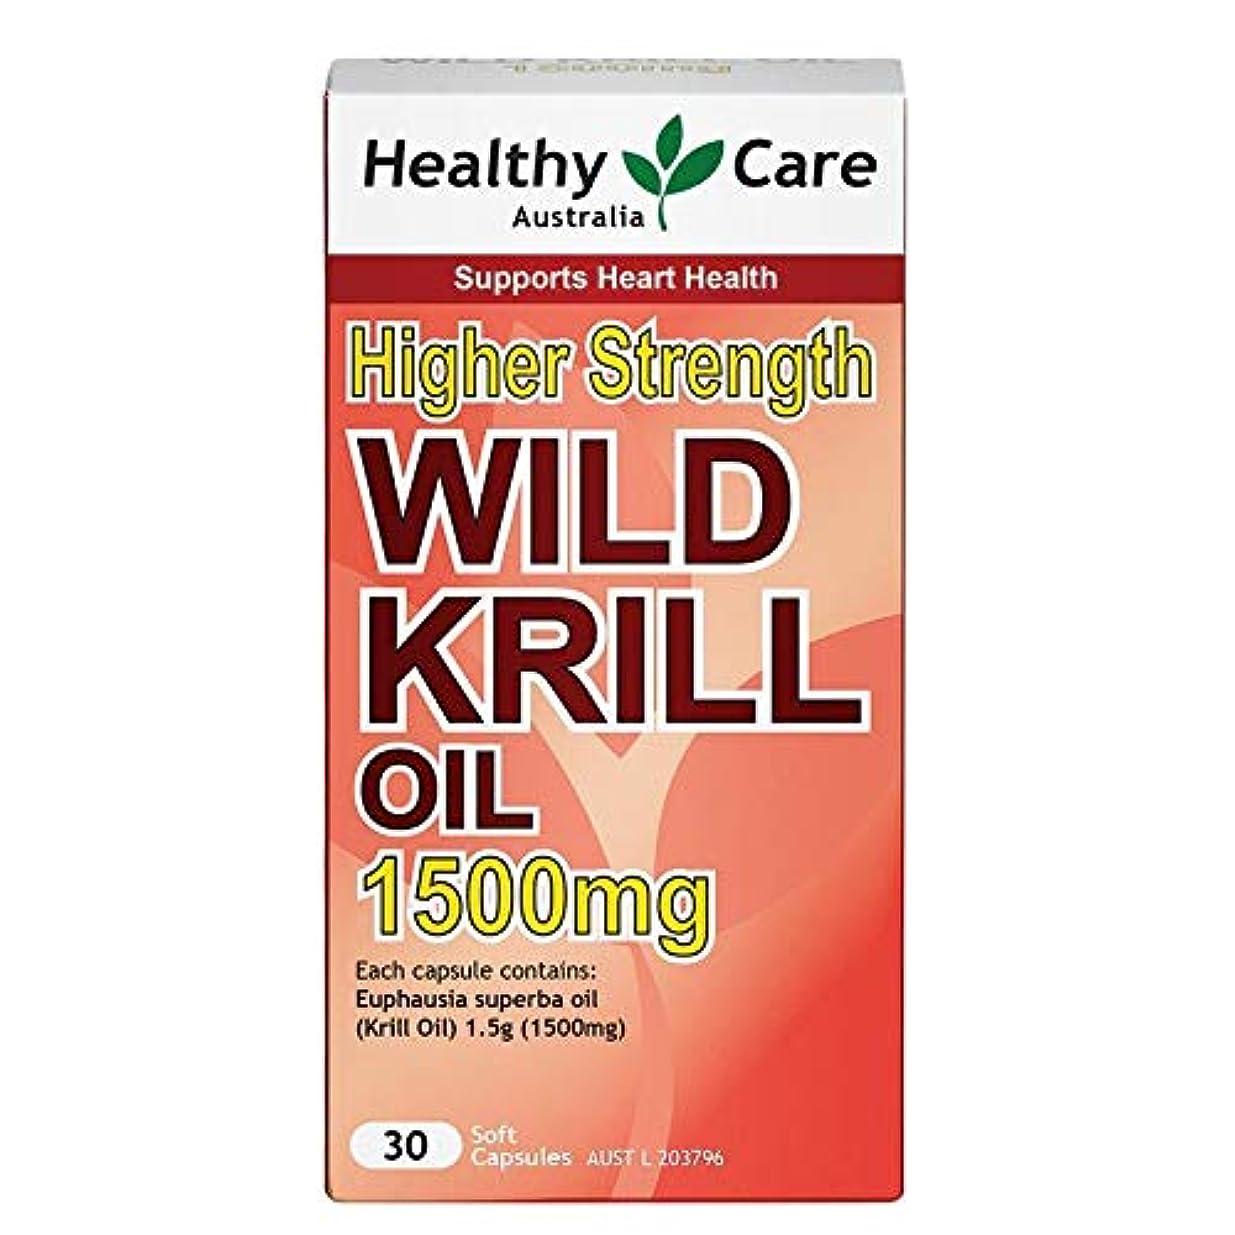 ドナー水差し打ち負かす[Health Care]ワイルドオキアミオイル (30cap) Wild Krill Oil 1500mg [海外直送品]